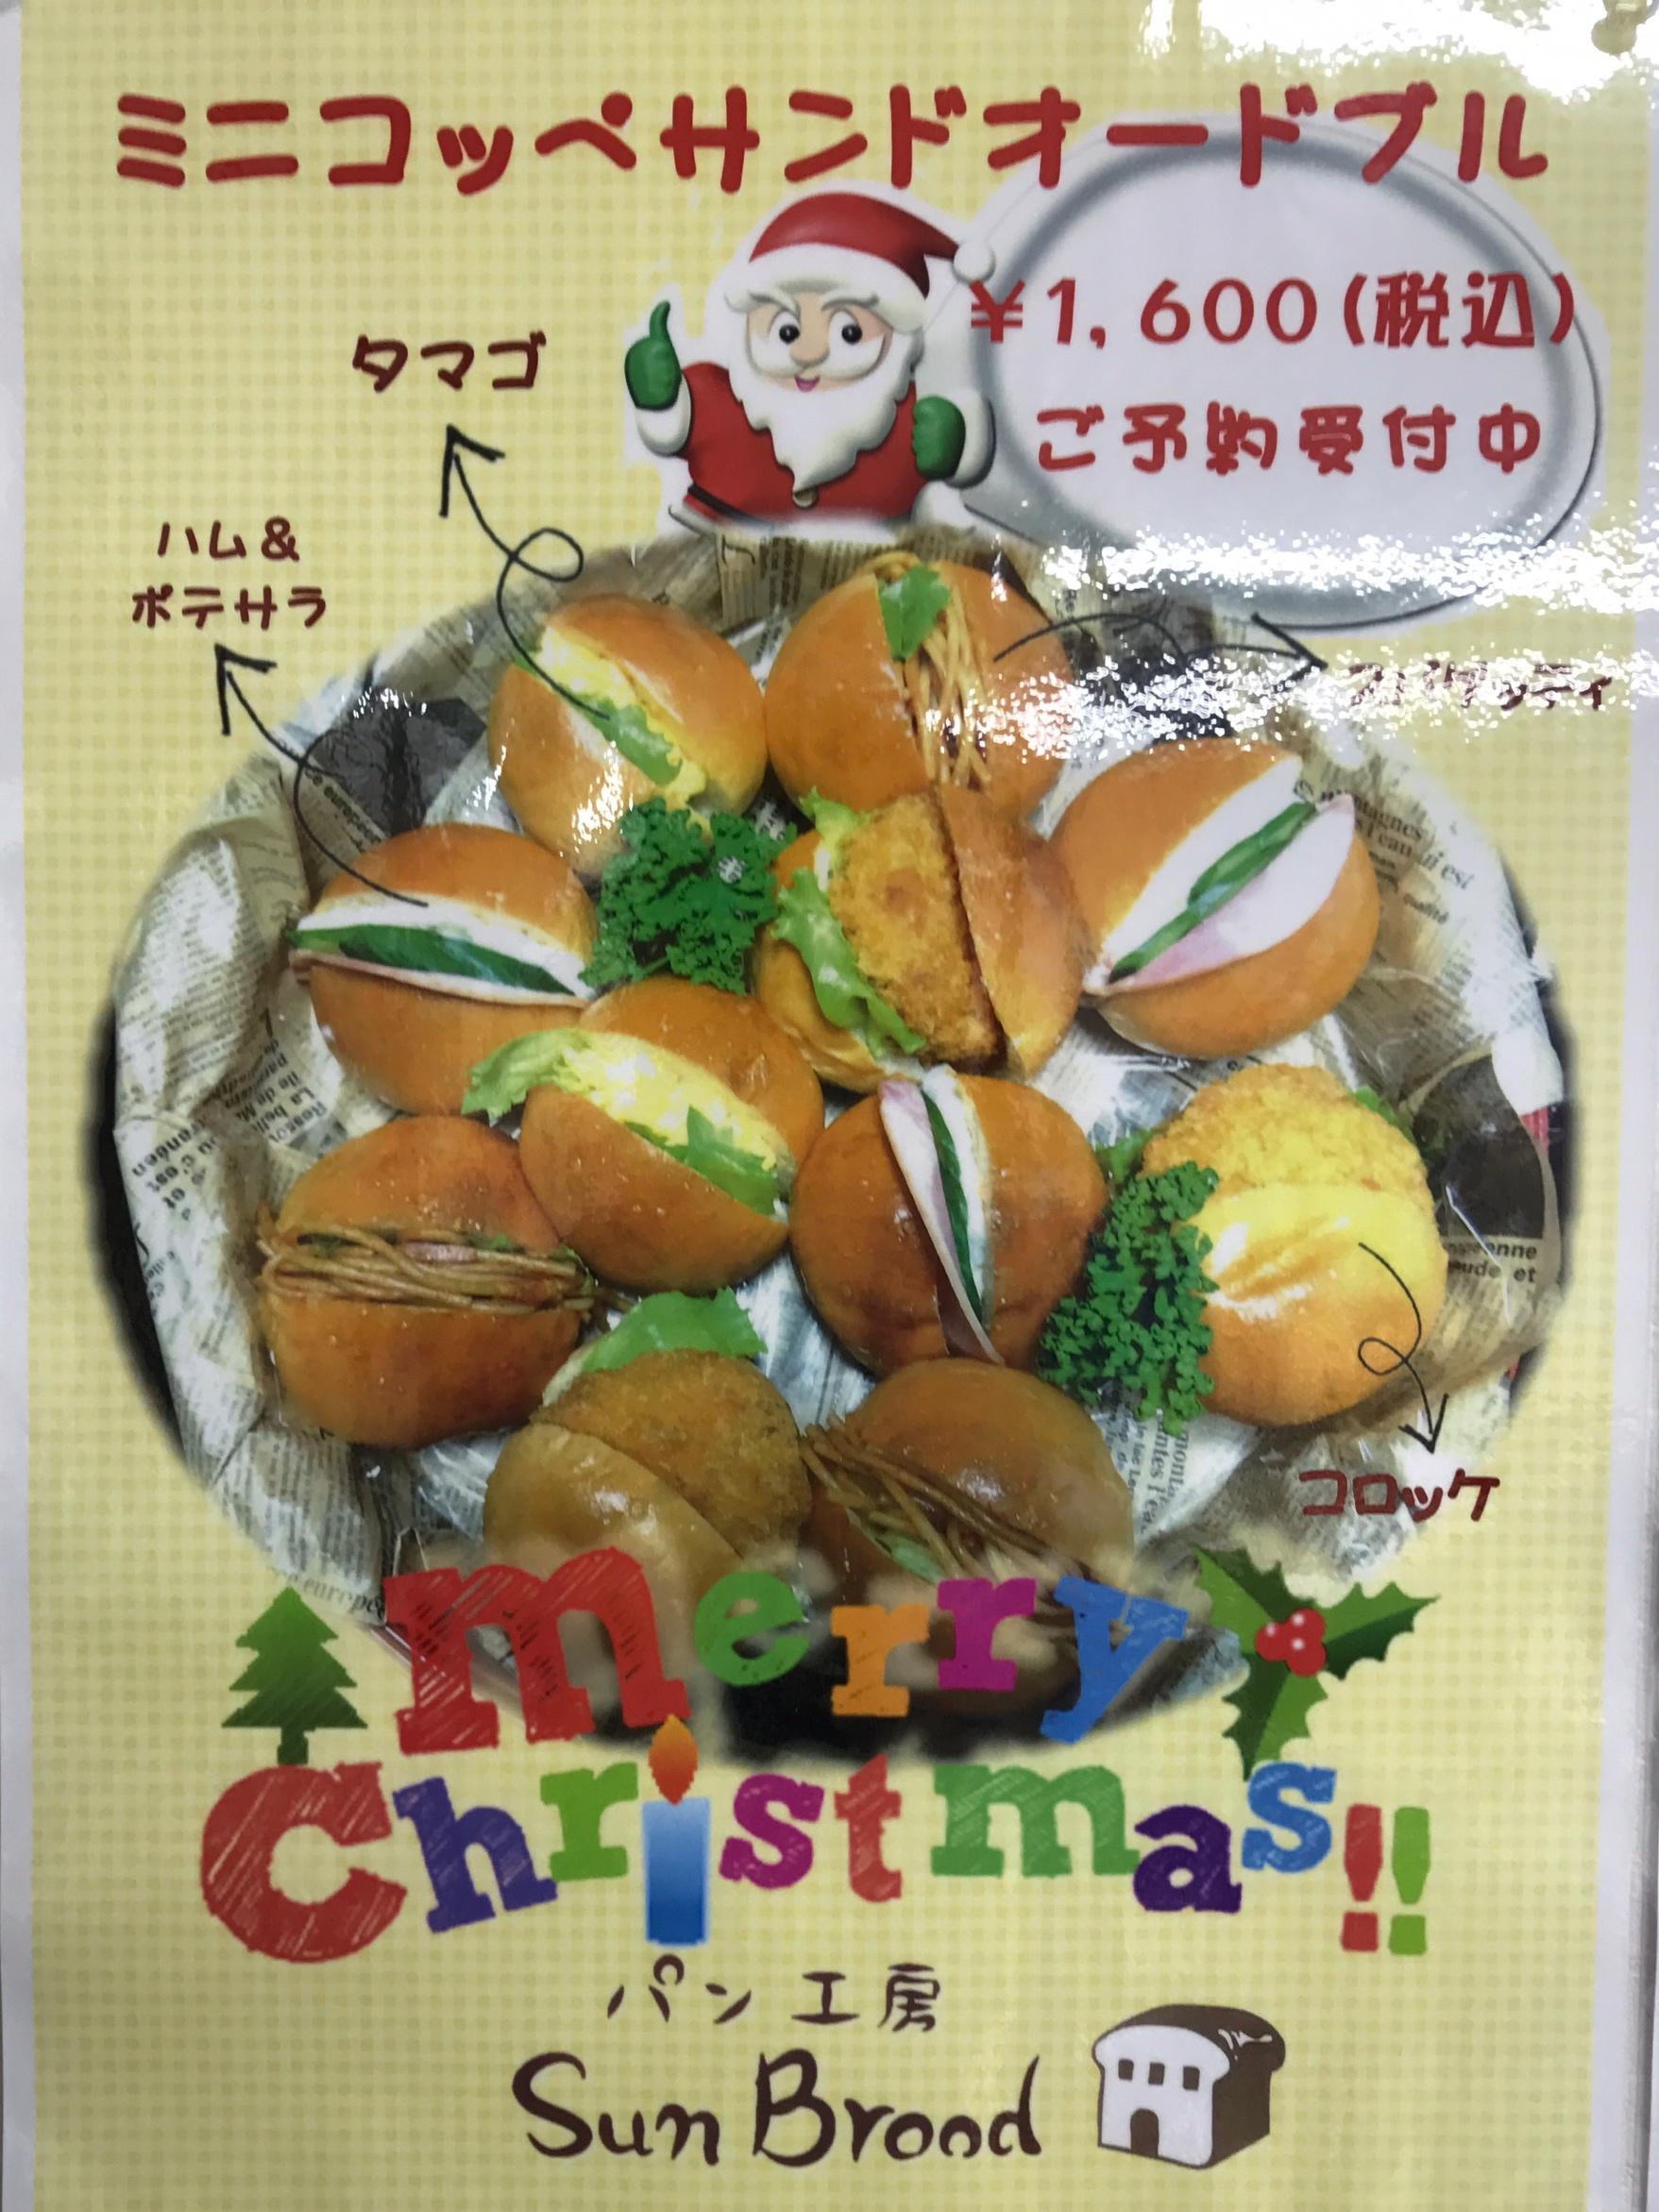 クリスマスの準備は、ぜひパン工房サンブロートで*\(^o^)/*